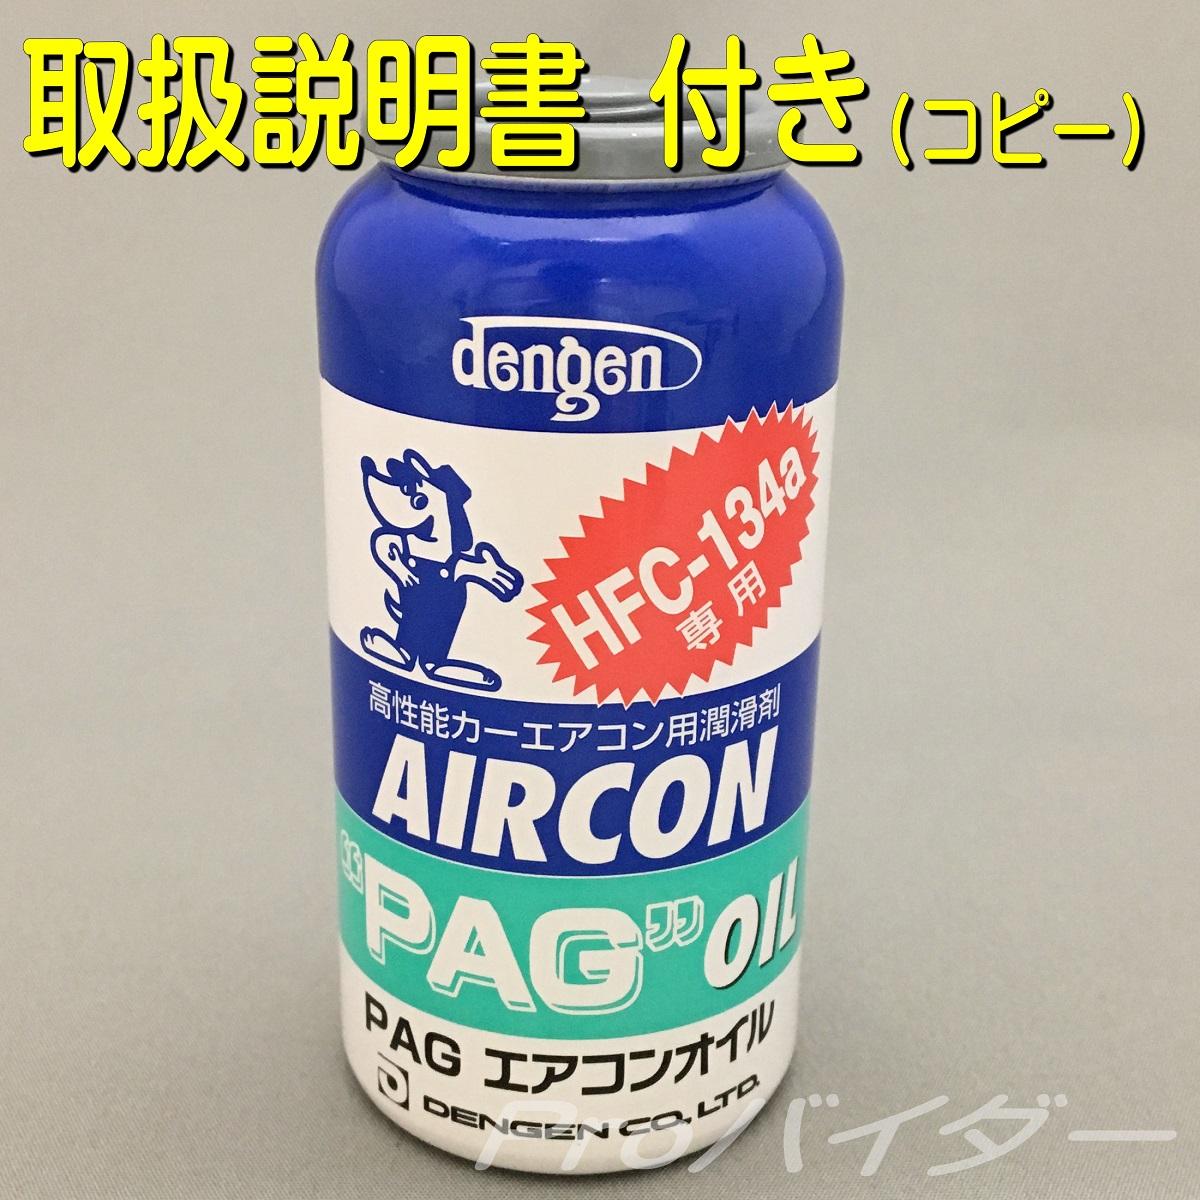 デンゲン dengen オイル入りエアコンガス 50g (HFC-134a用) OG-1040F STRAIGHT/28-1341 dengen/デンゲン